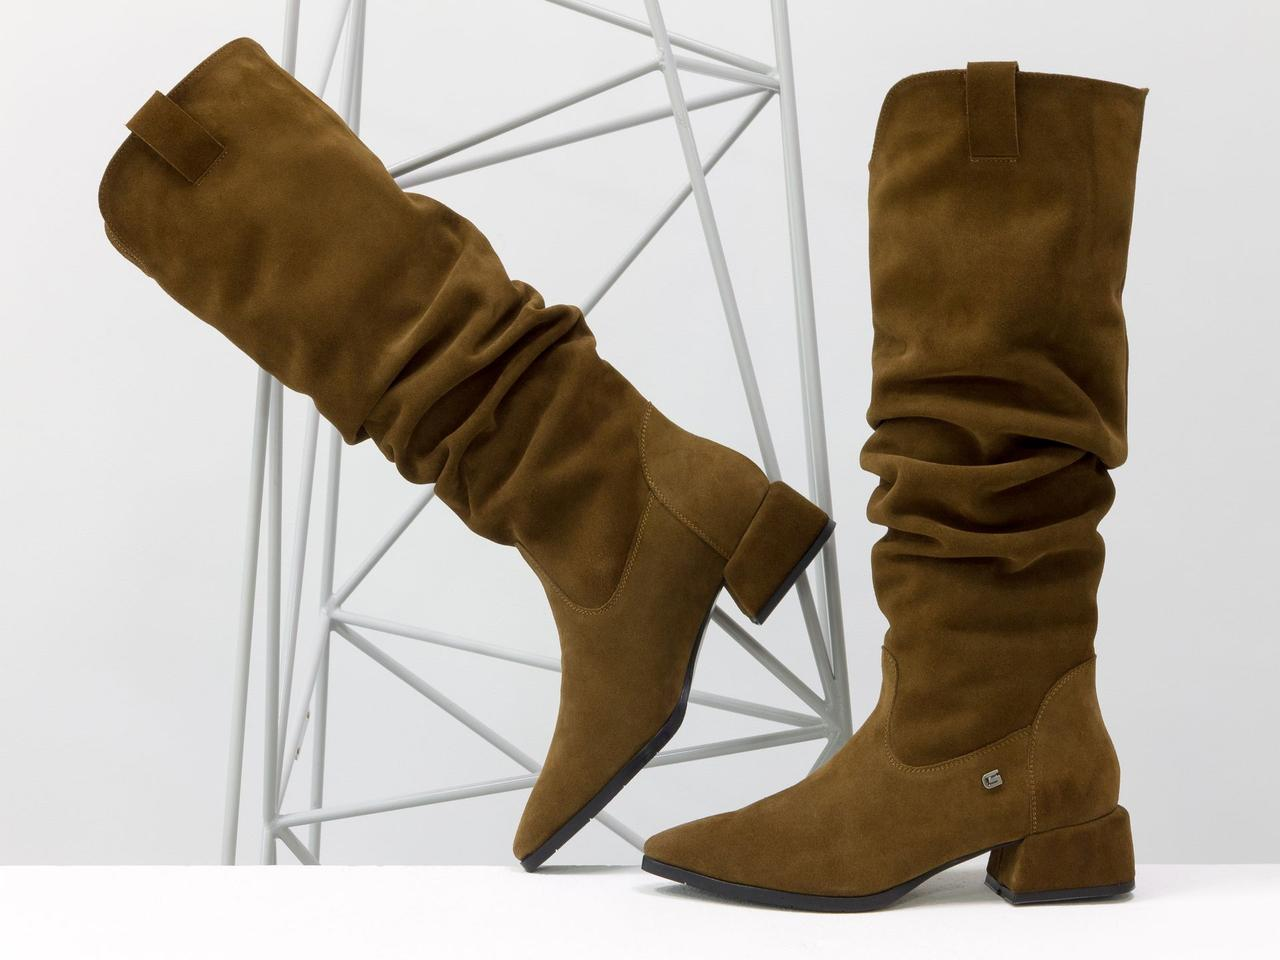 Сапоги Слаучи (slouch) свободного одевания из натуральной замши, на невысоком квадратном каблуке